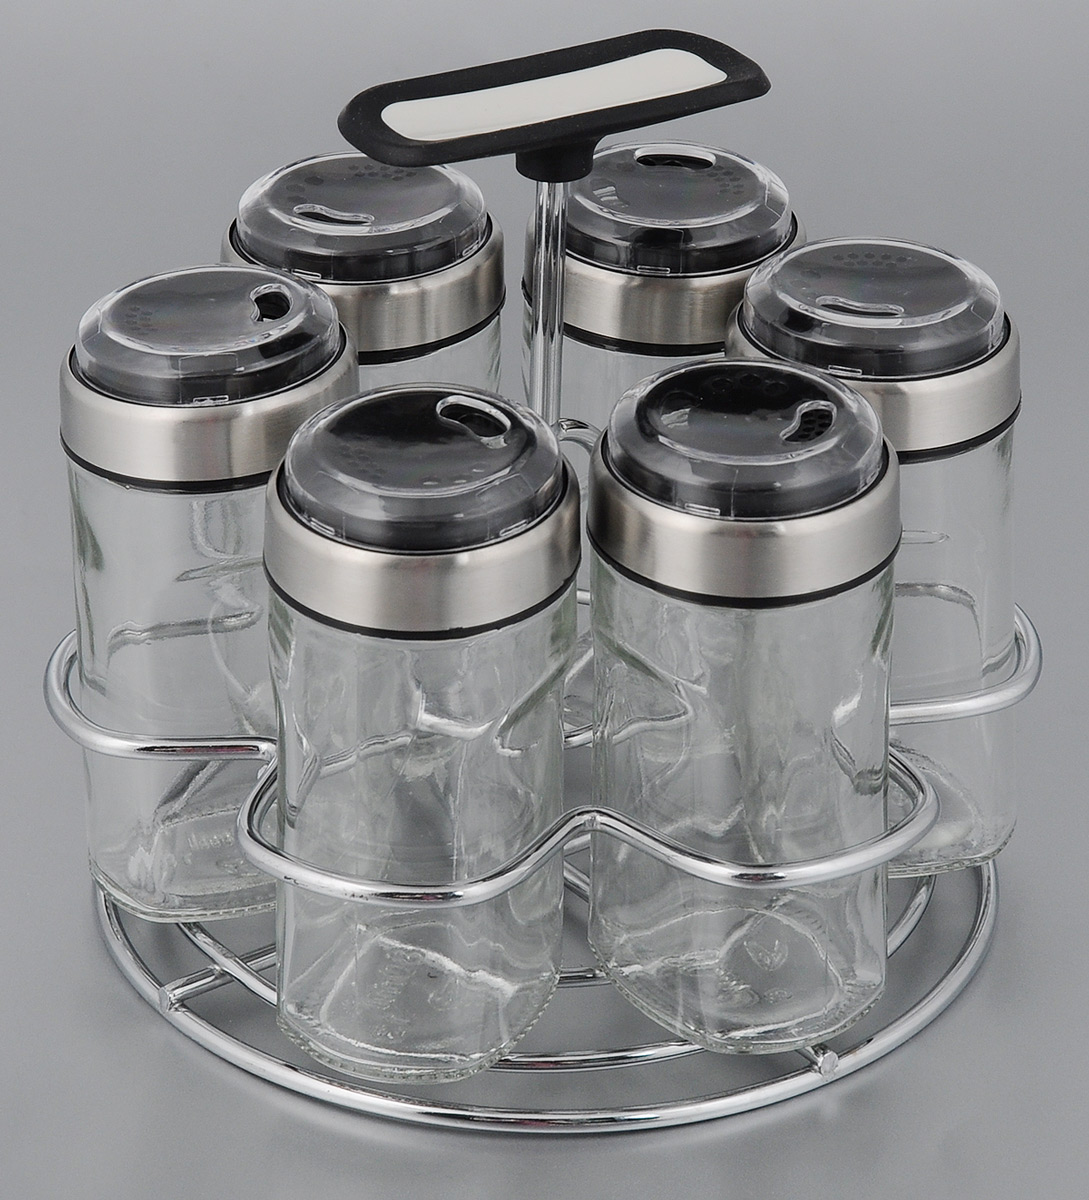 Набор емкостей для специй Nadoba Petra, 7 предметов741016Набор Nadoba Petra состоит из 6 емкостей для специй и подставки. Емкости выполнены из прозрачного ударопрочного стекла и снабжены стальными крышками с тремя режимами дозирования. Для хранения емкостей предусмотрена металлическая подставка с прорезиненной ручкой. Такой набор поможет хранить под рукой самые часто используемые специи. Изделия можно мыть в посудомоечной машине. Объем емкости: 80 мл. Размер емкости: 5 х 5 х 10,5 см. Размер подставки: 13,5 х 13,5 х 14,5 см.